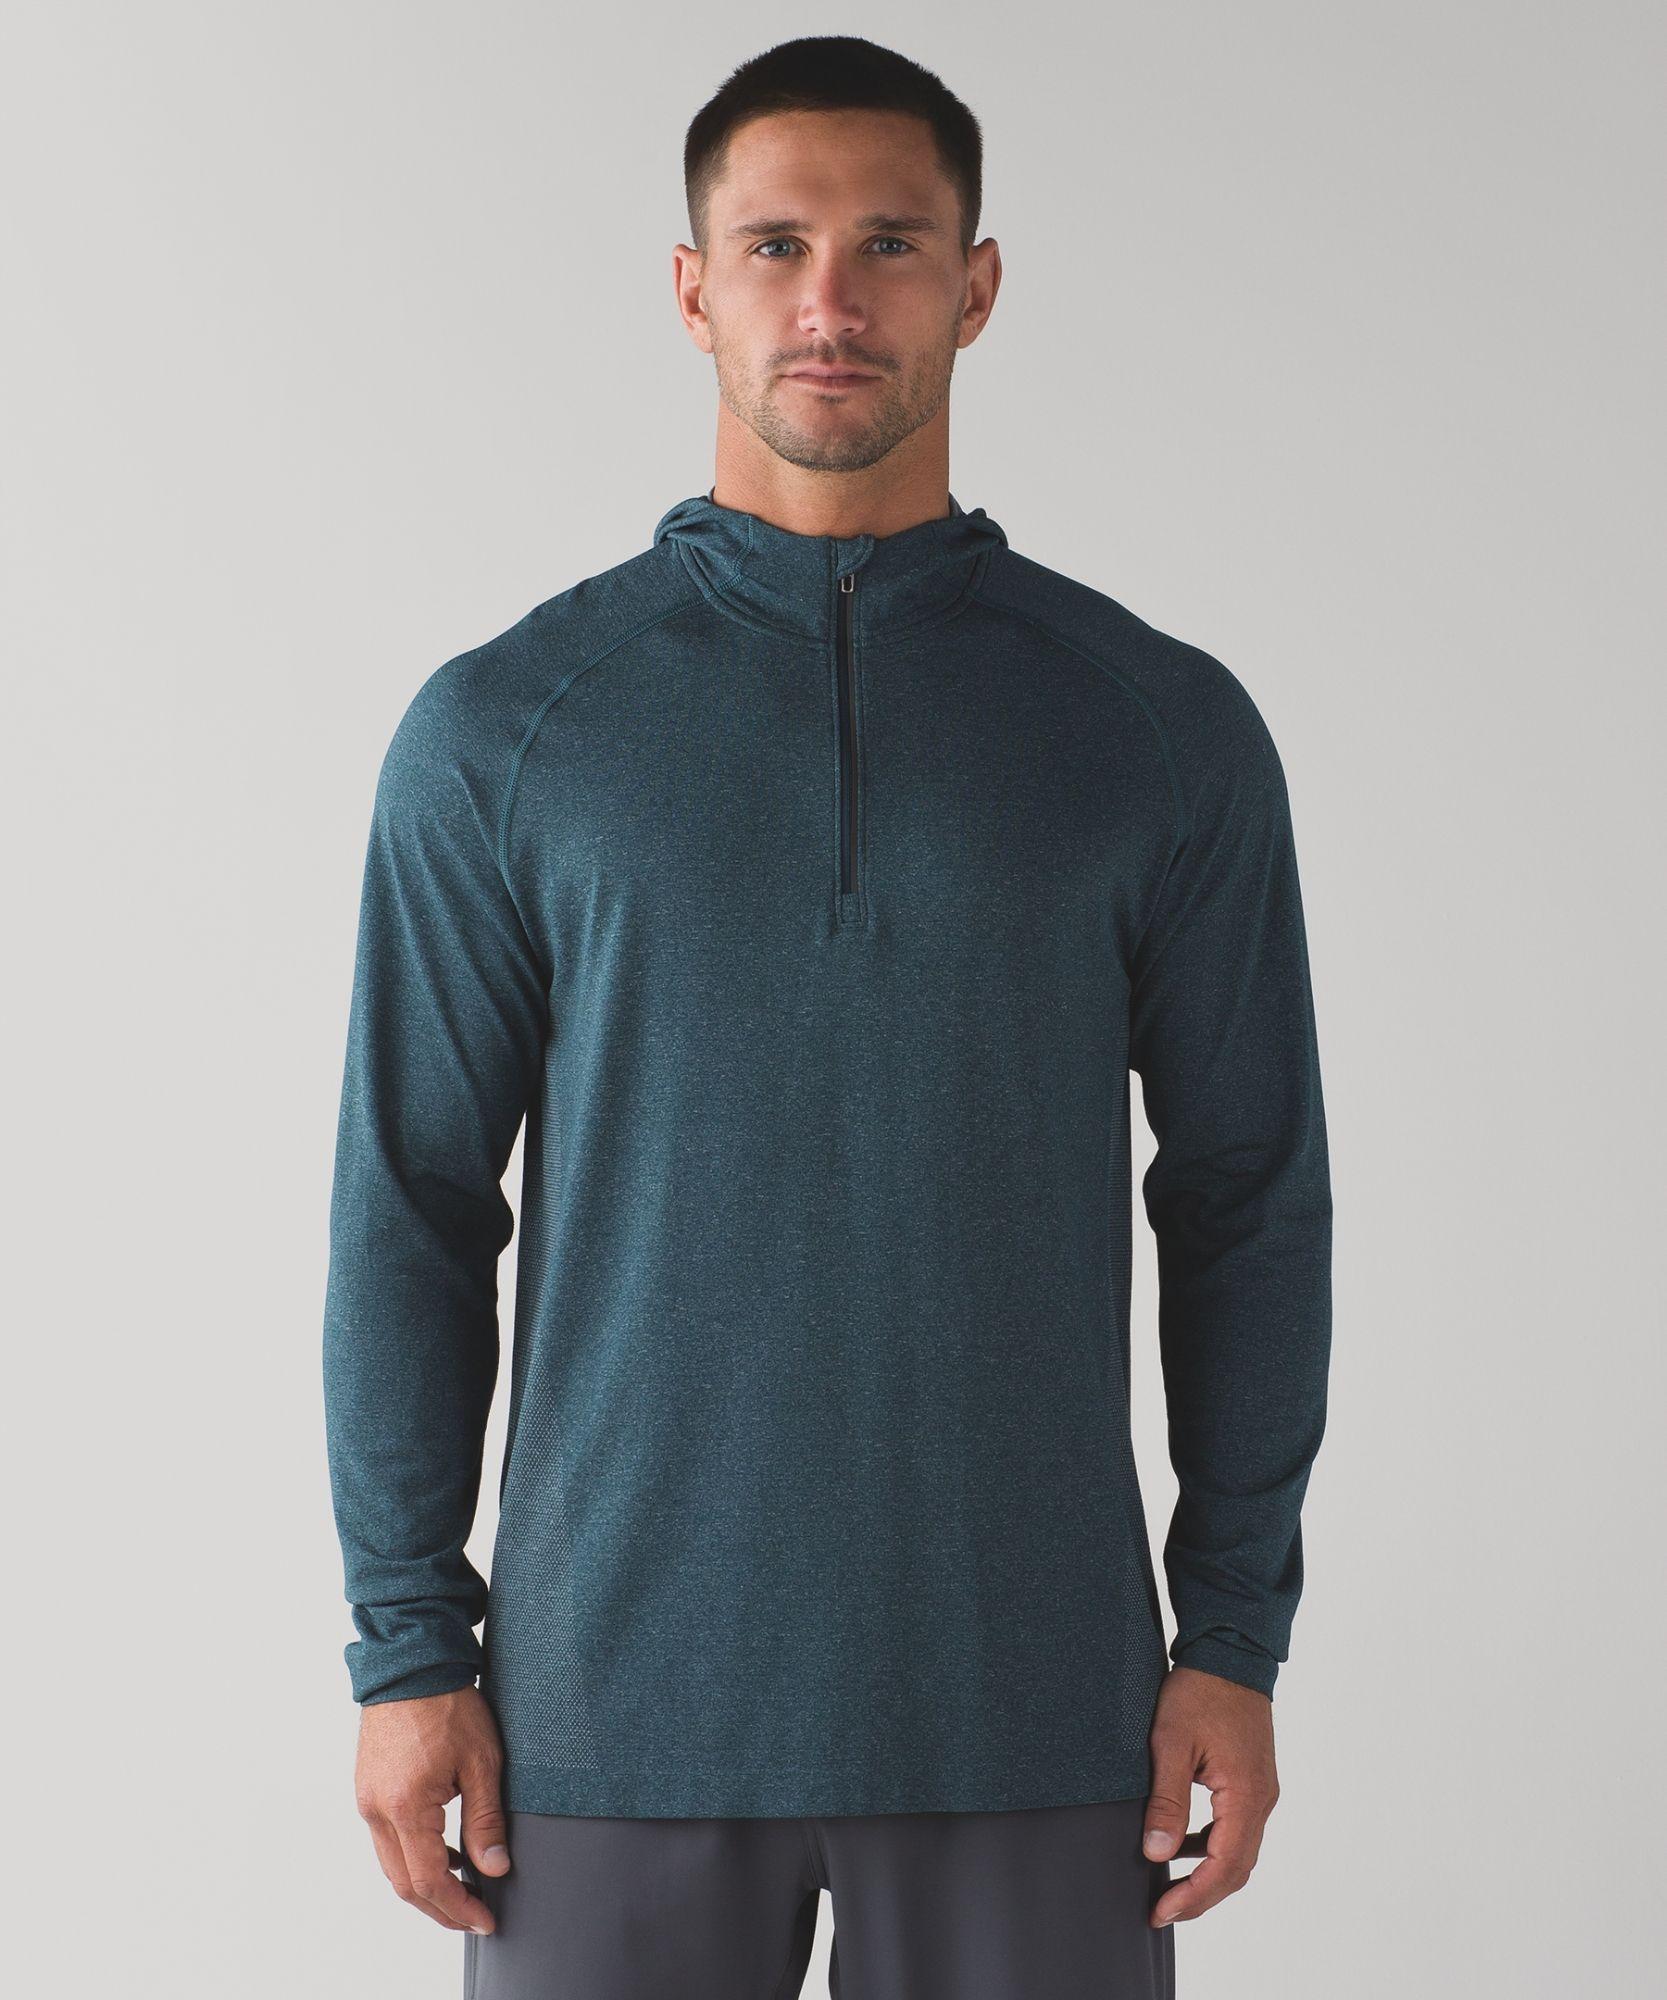 Lululemon Men S Silvertech Hoodie Medium Colors Blue Grey Black Tech Hoodie Running Hoodie Technical Clothing